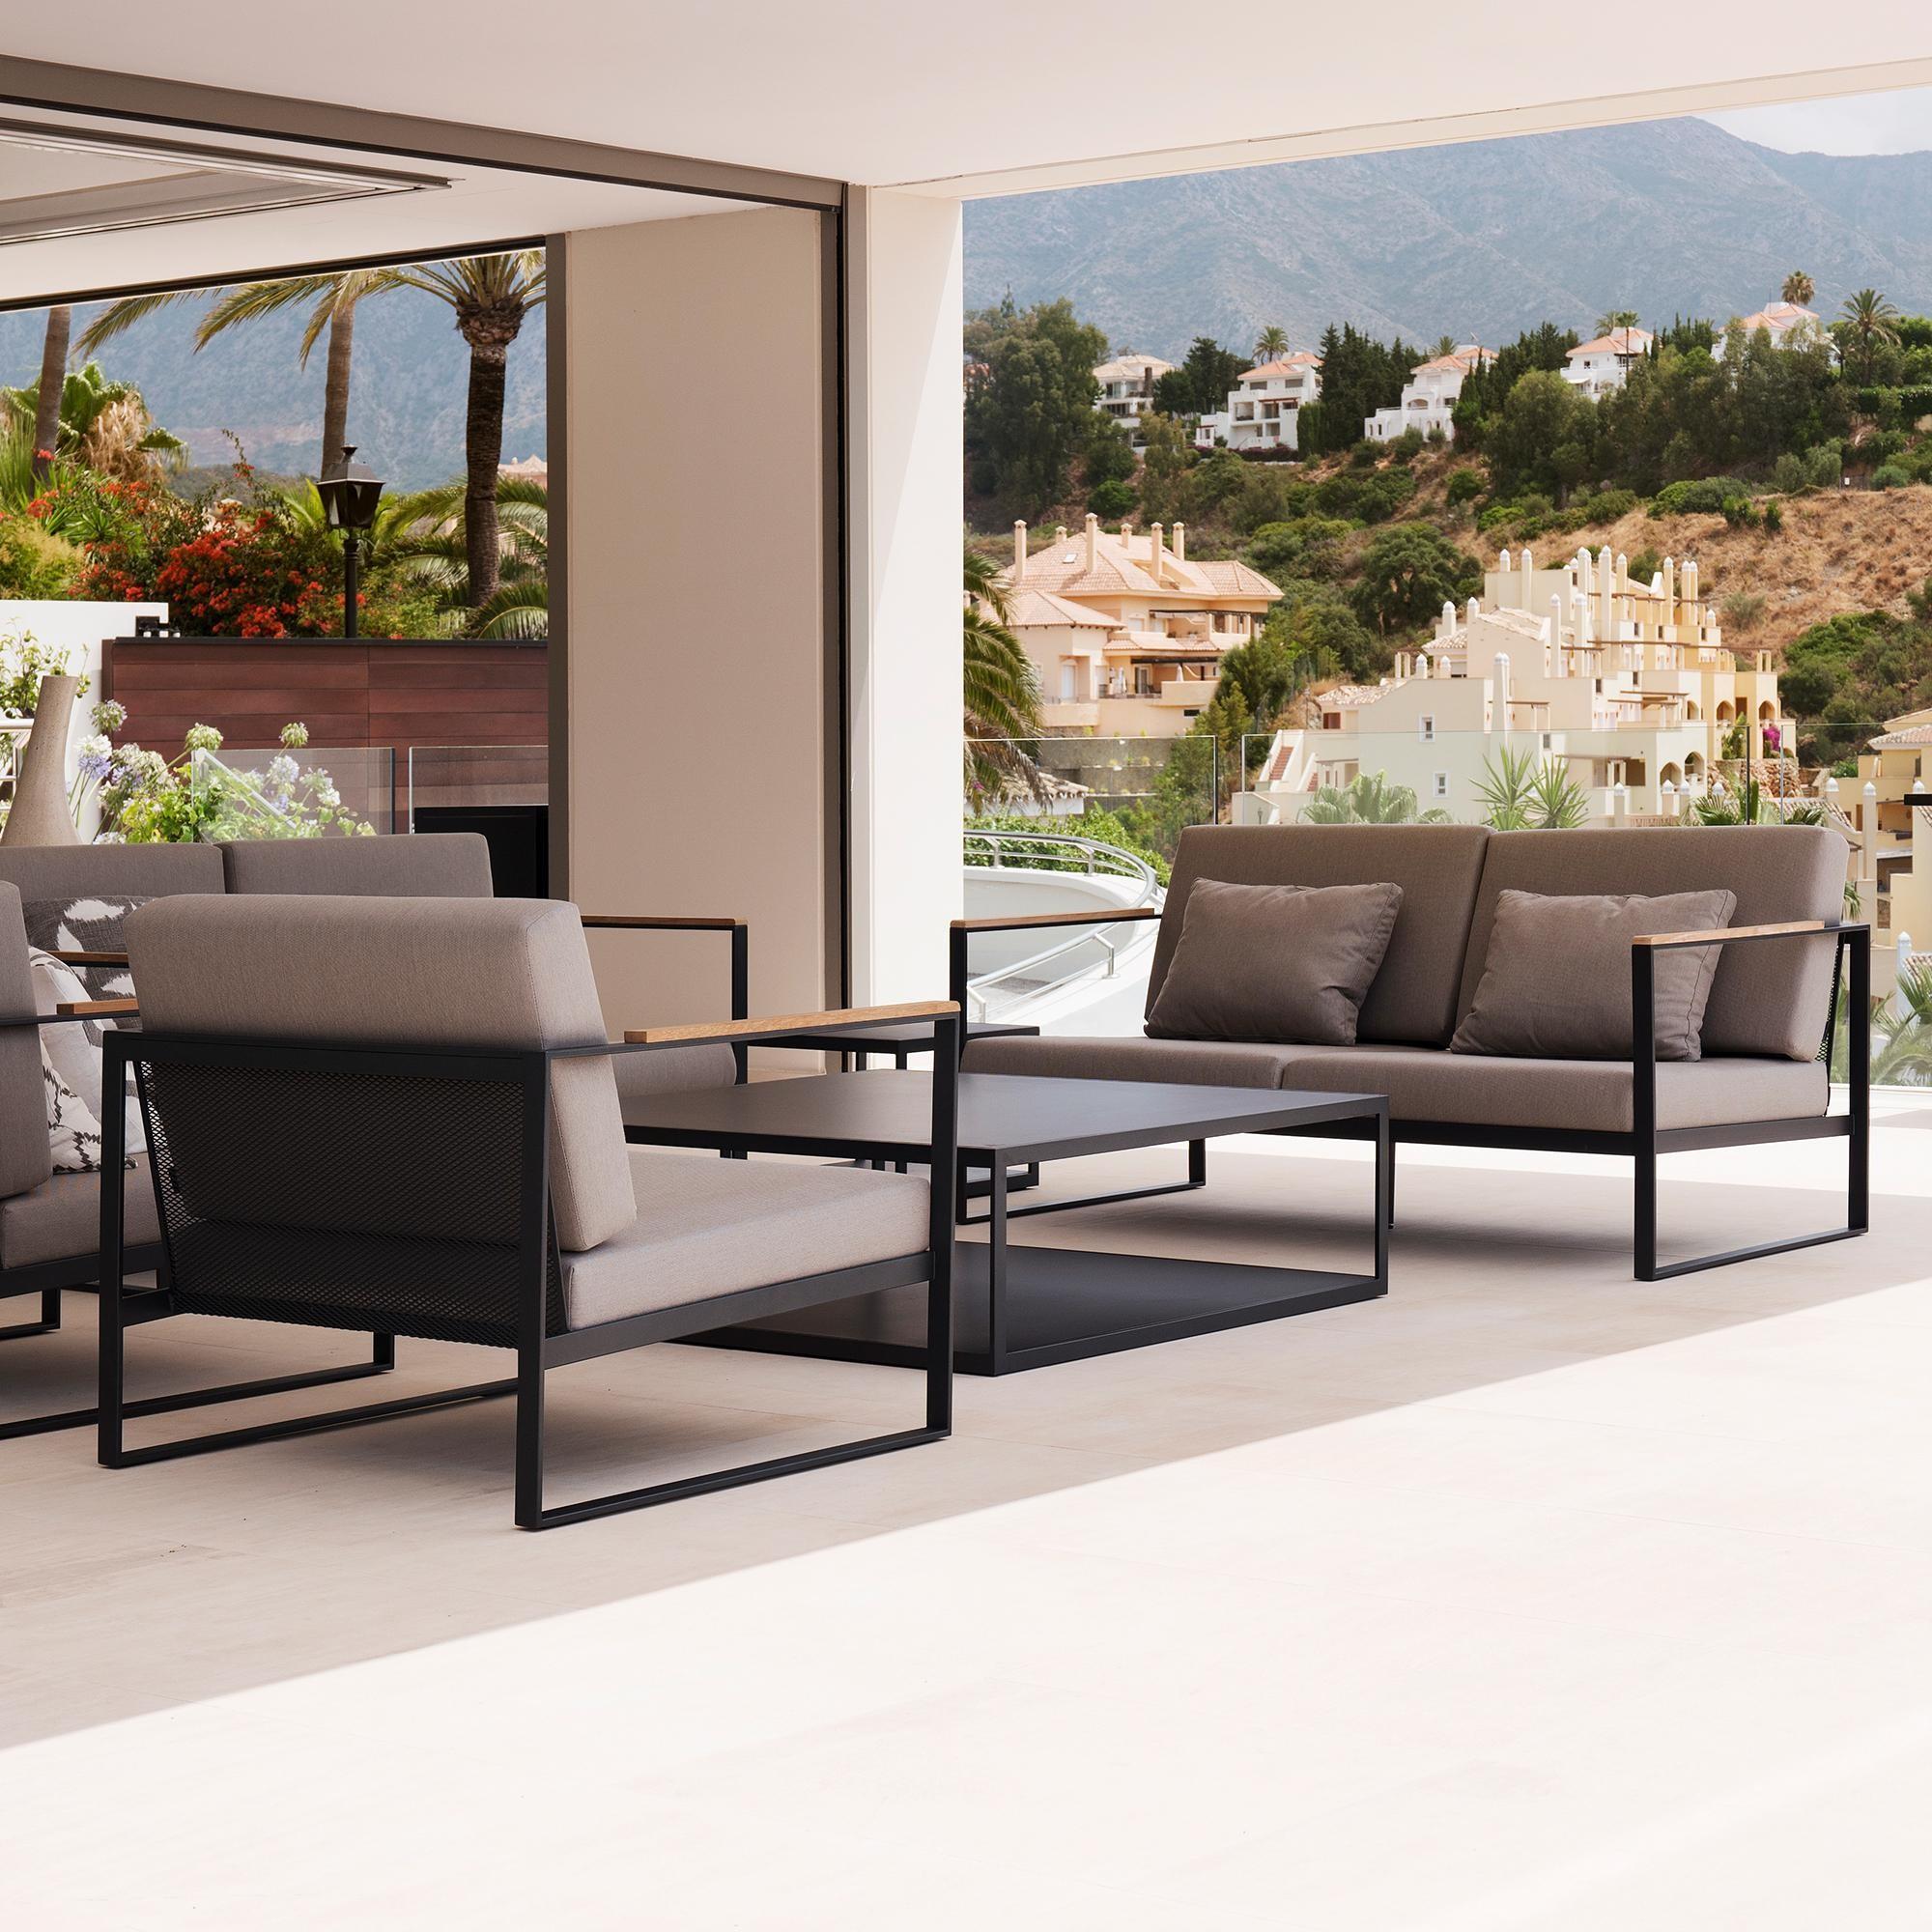 Garden Easy 6-Seater Outdoor Sofa